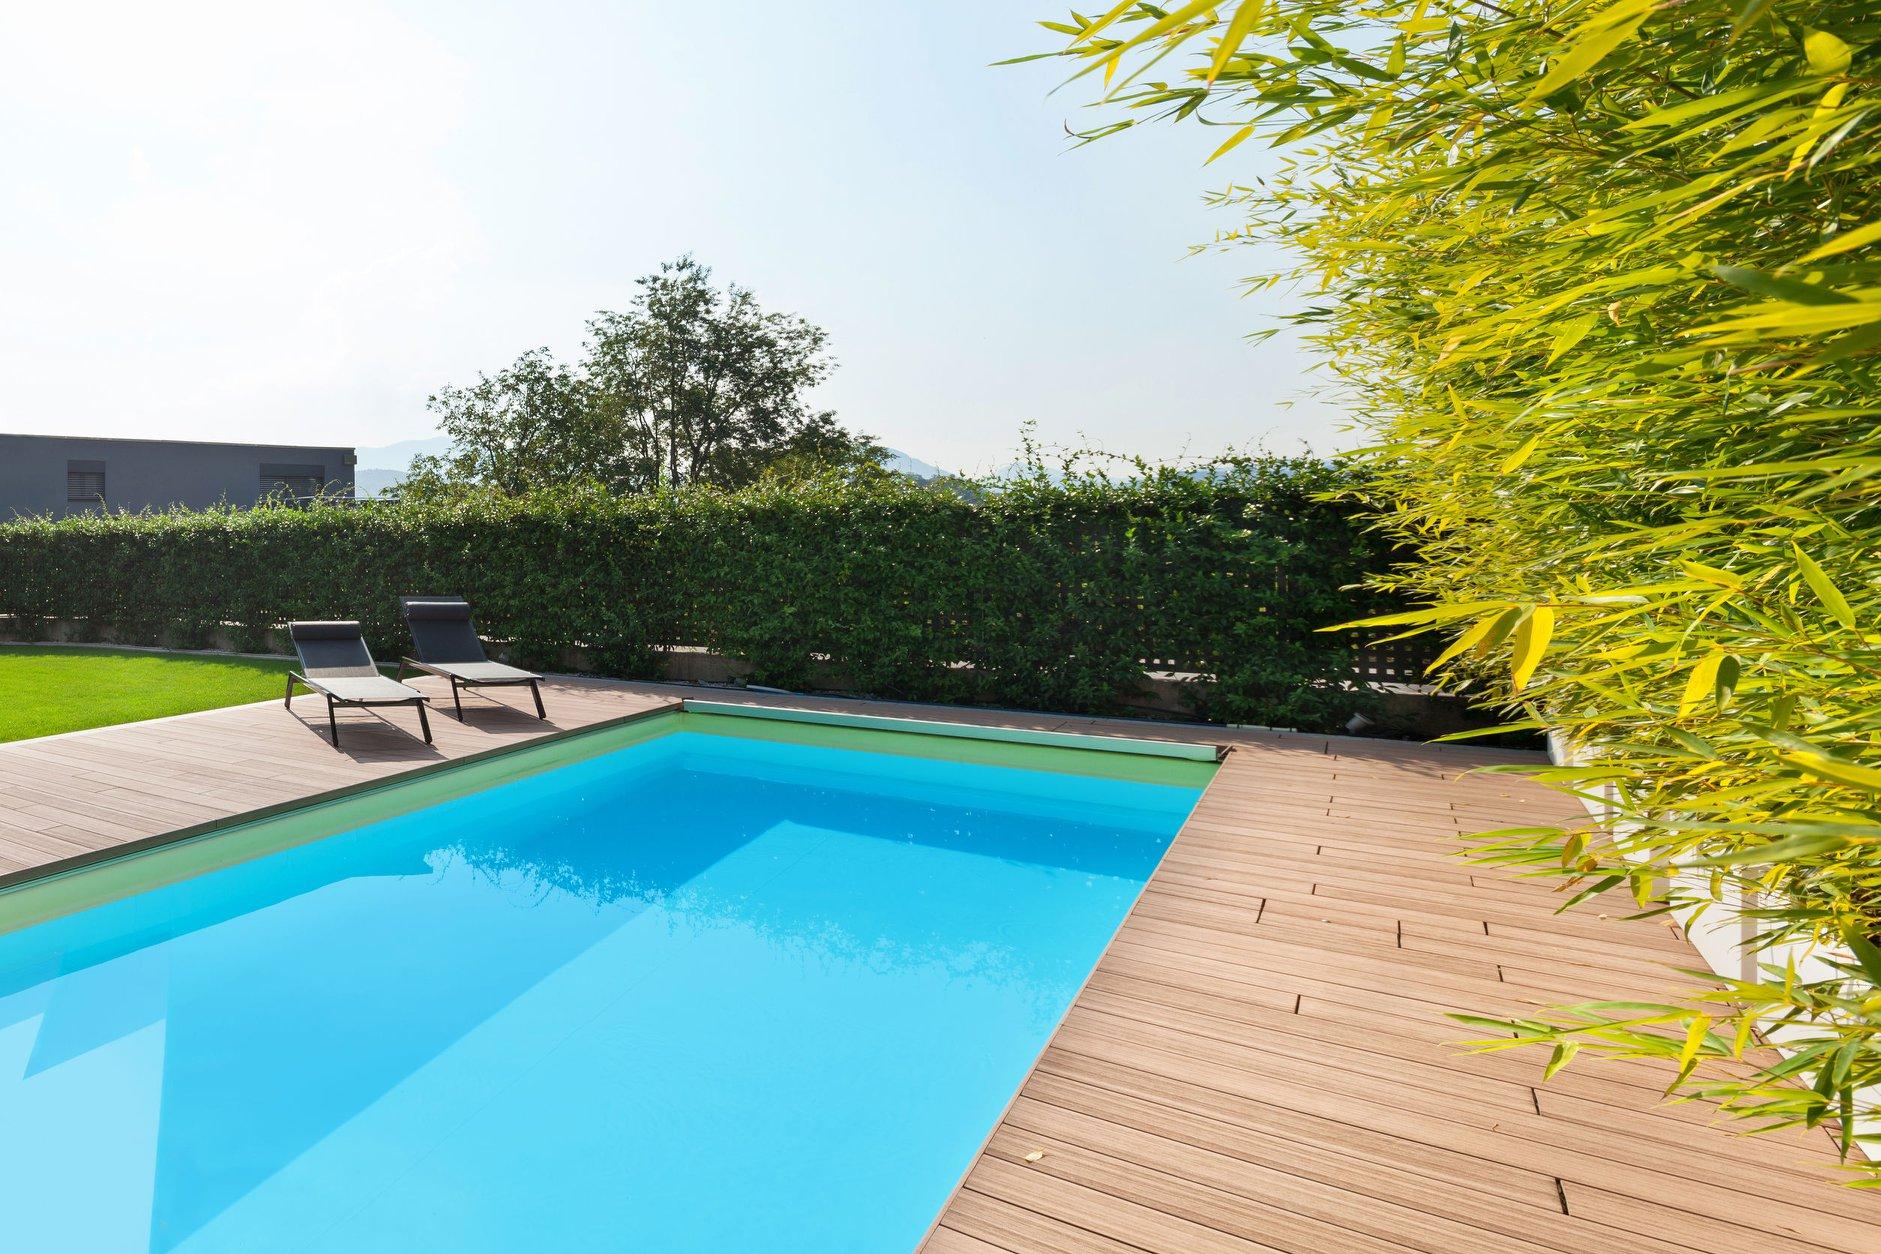 Voir Piscine Hors Sol piscine version en bois hors sol ou bassin enterré